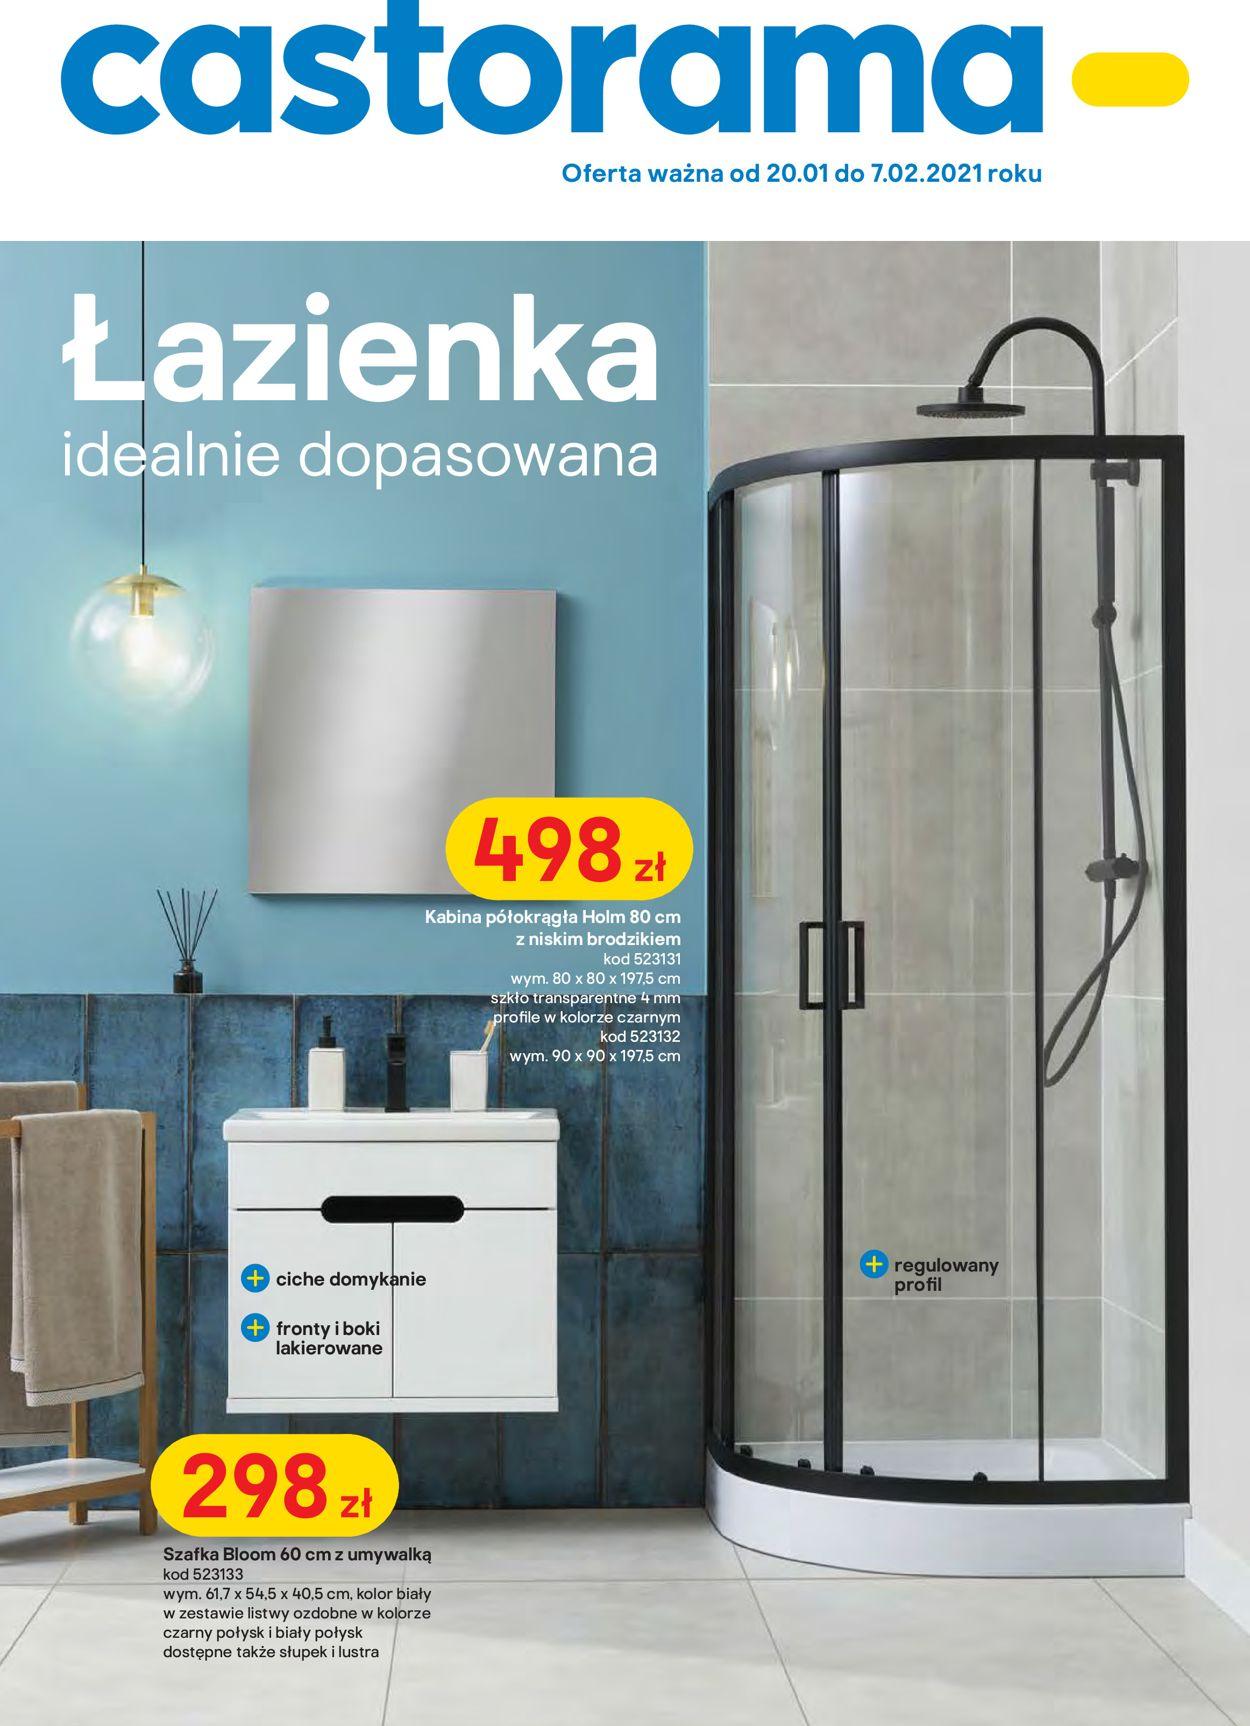 Gazetka promocyjna Castorama - 20.01-07.02.2021